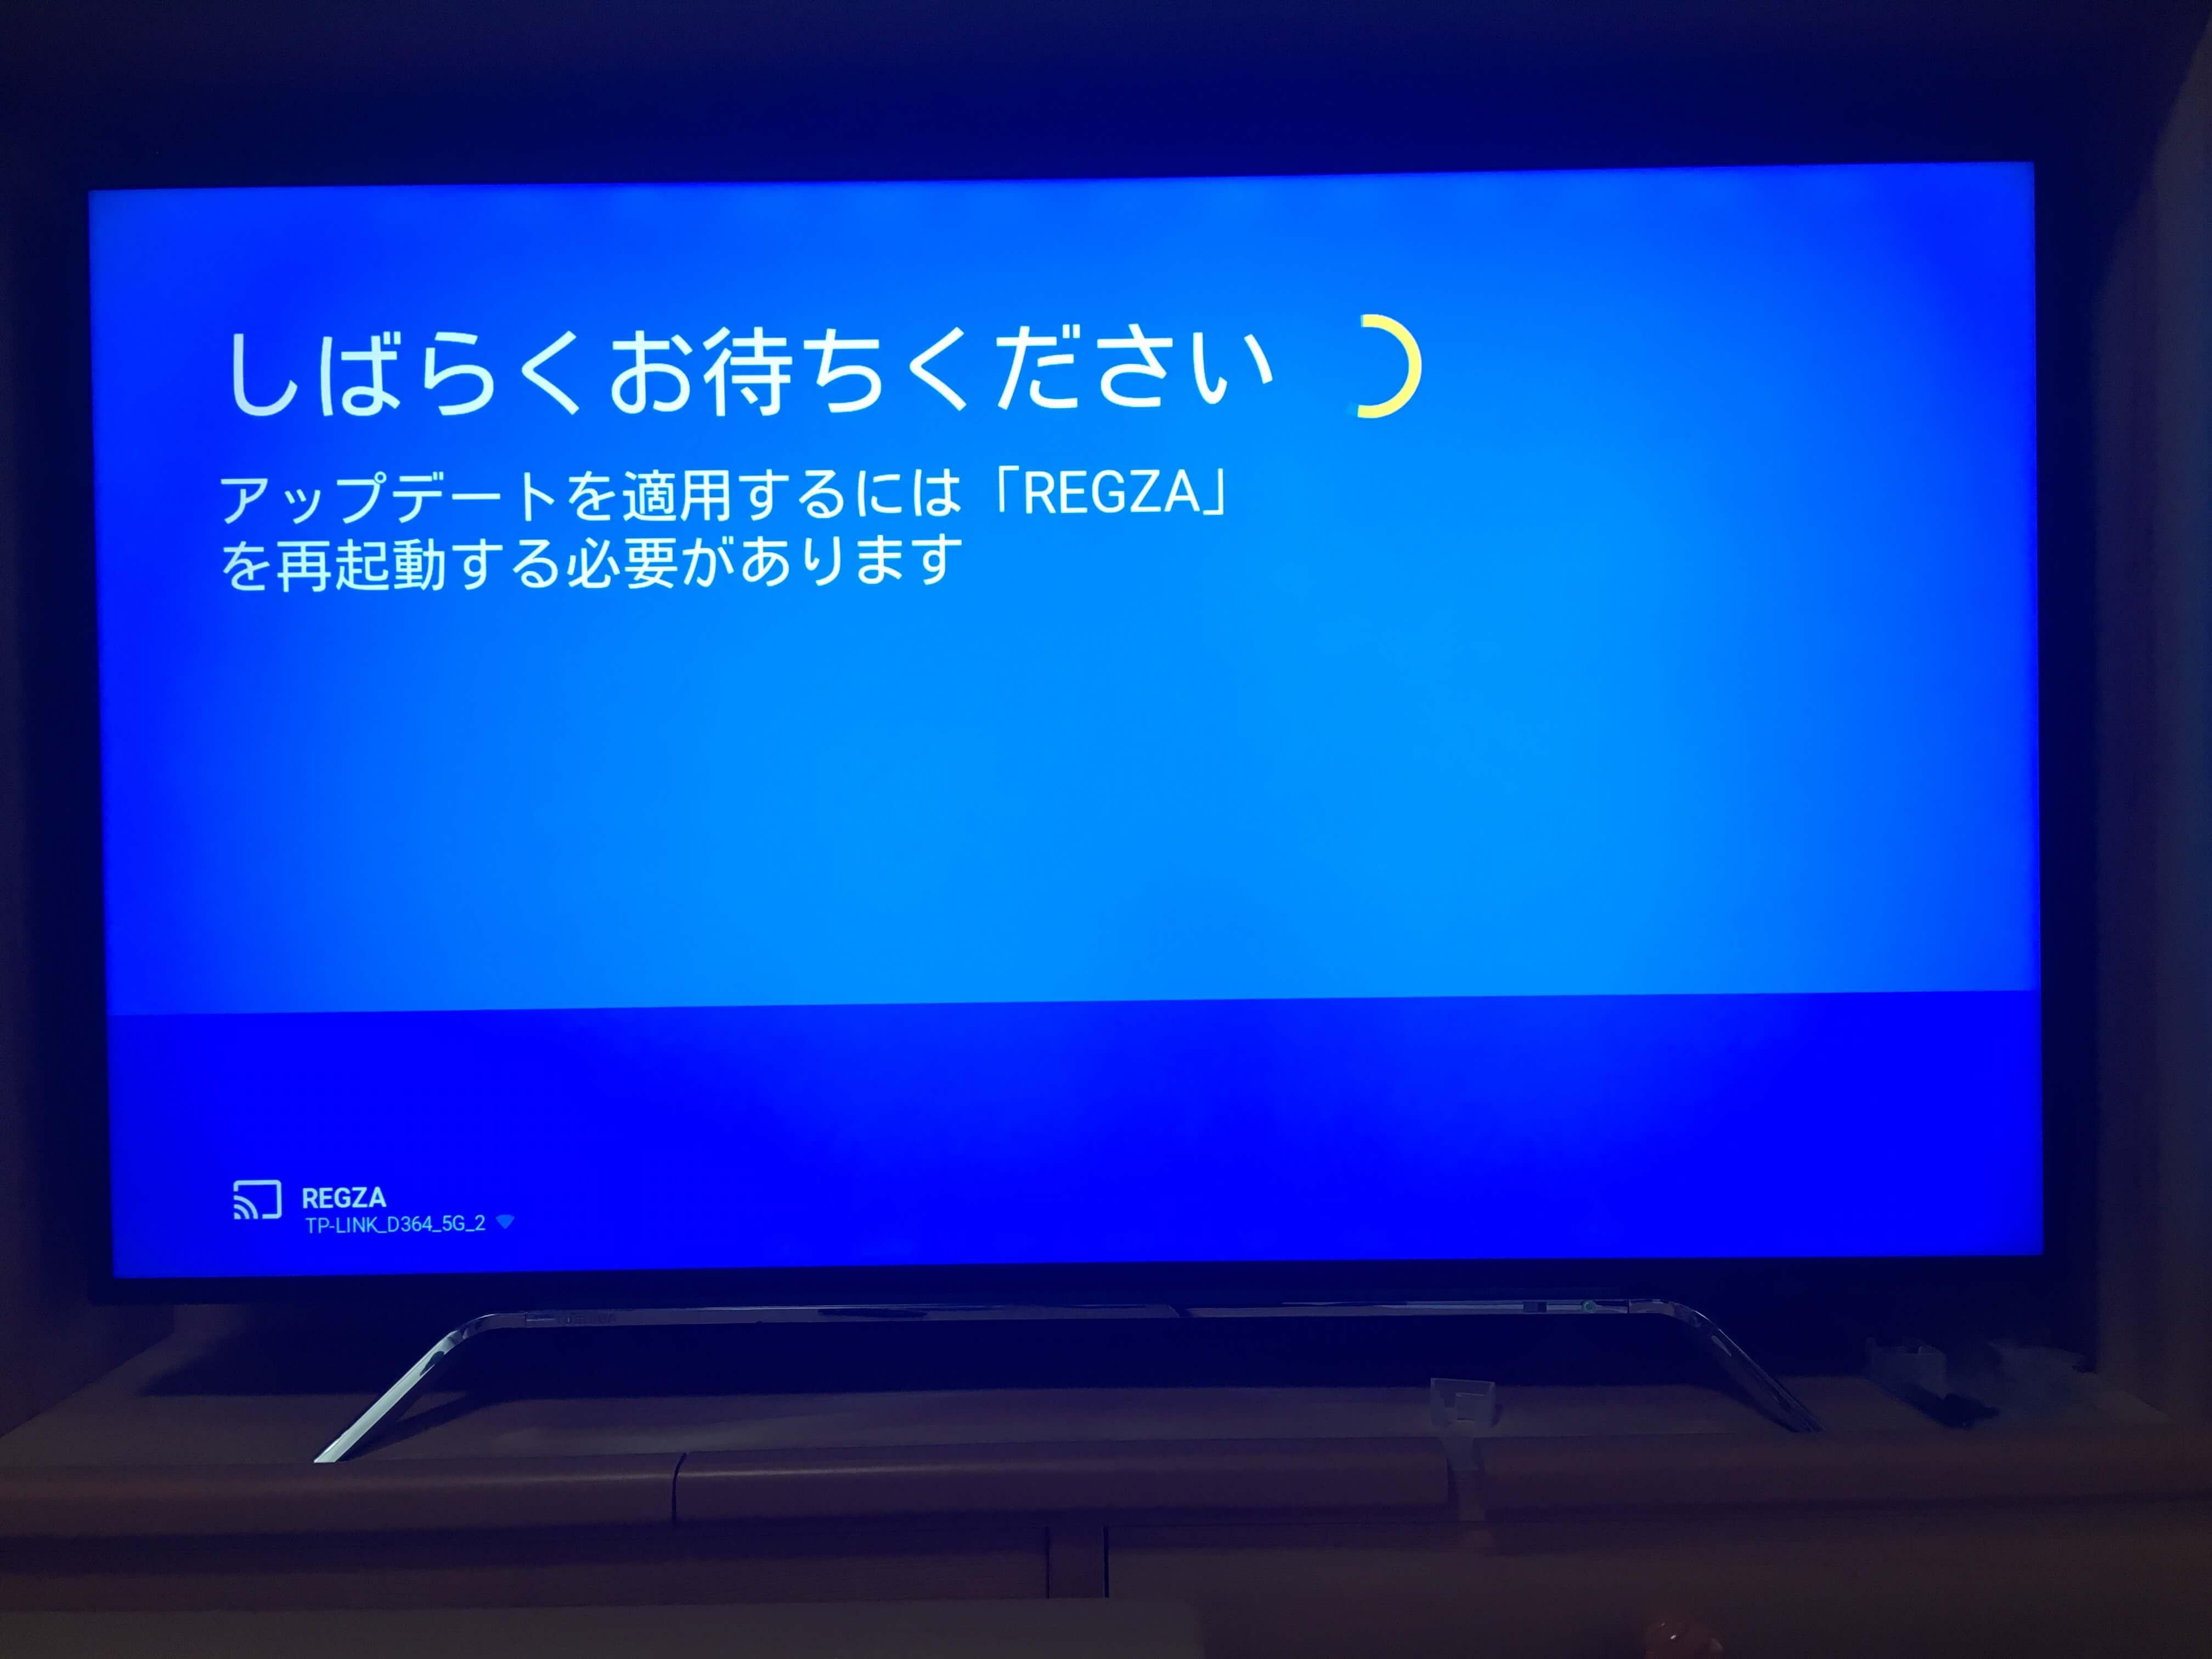 Google HomeでクロームキャストウルトラのWi-Fi接続完了後のテレビの画面